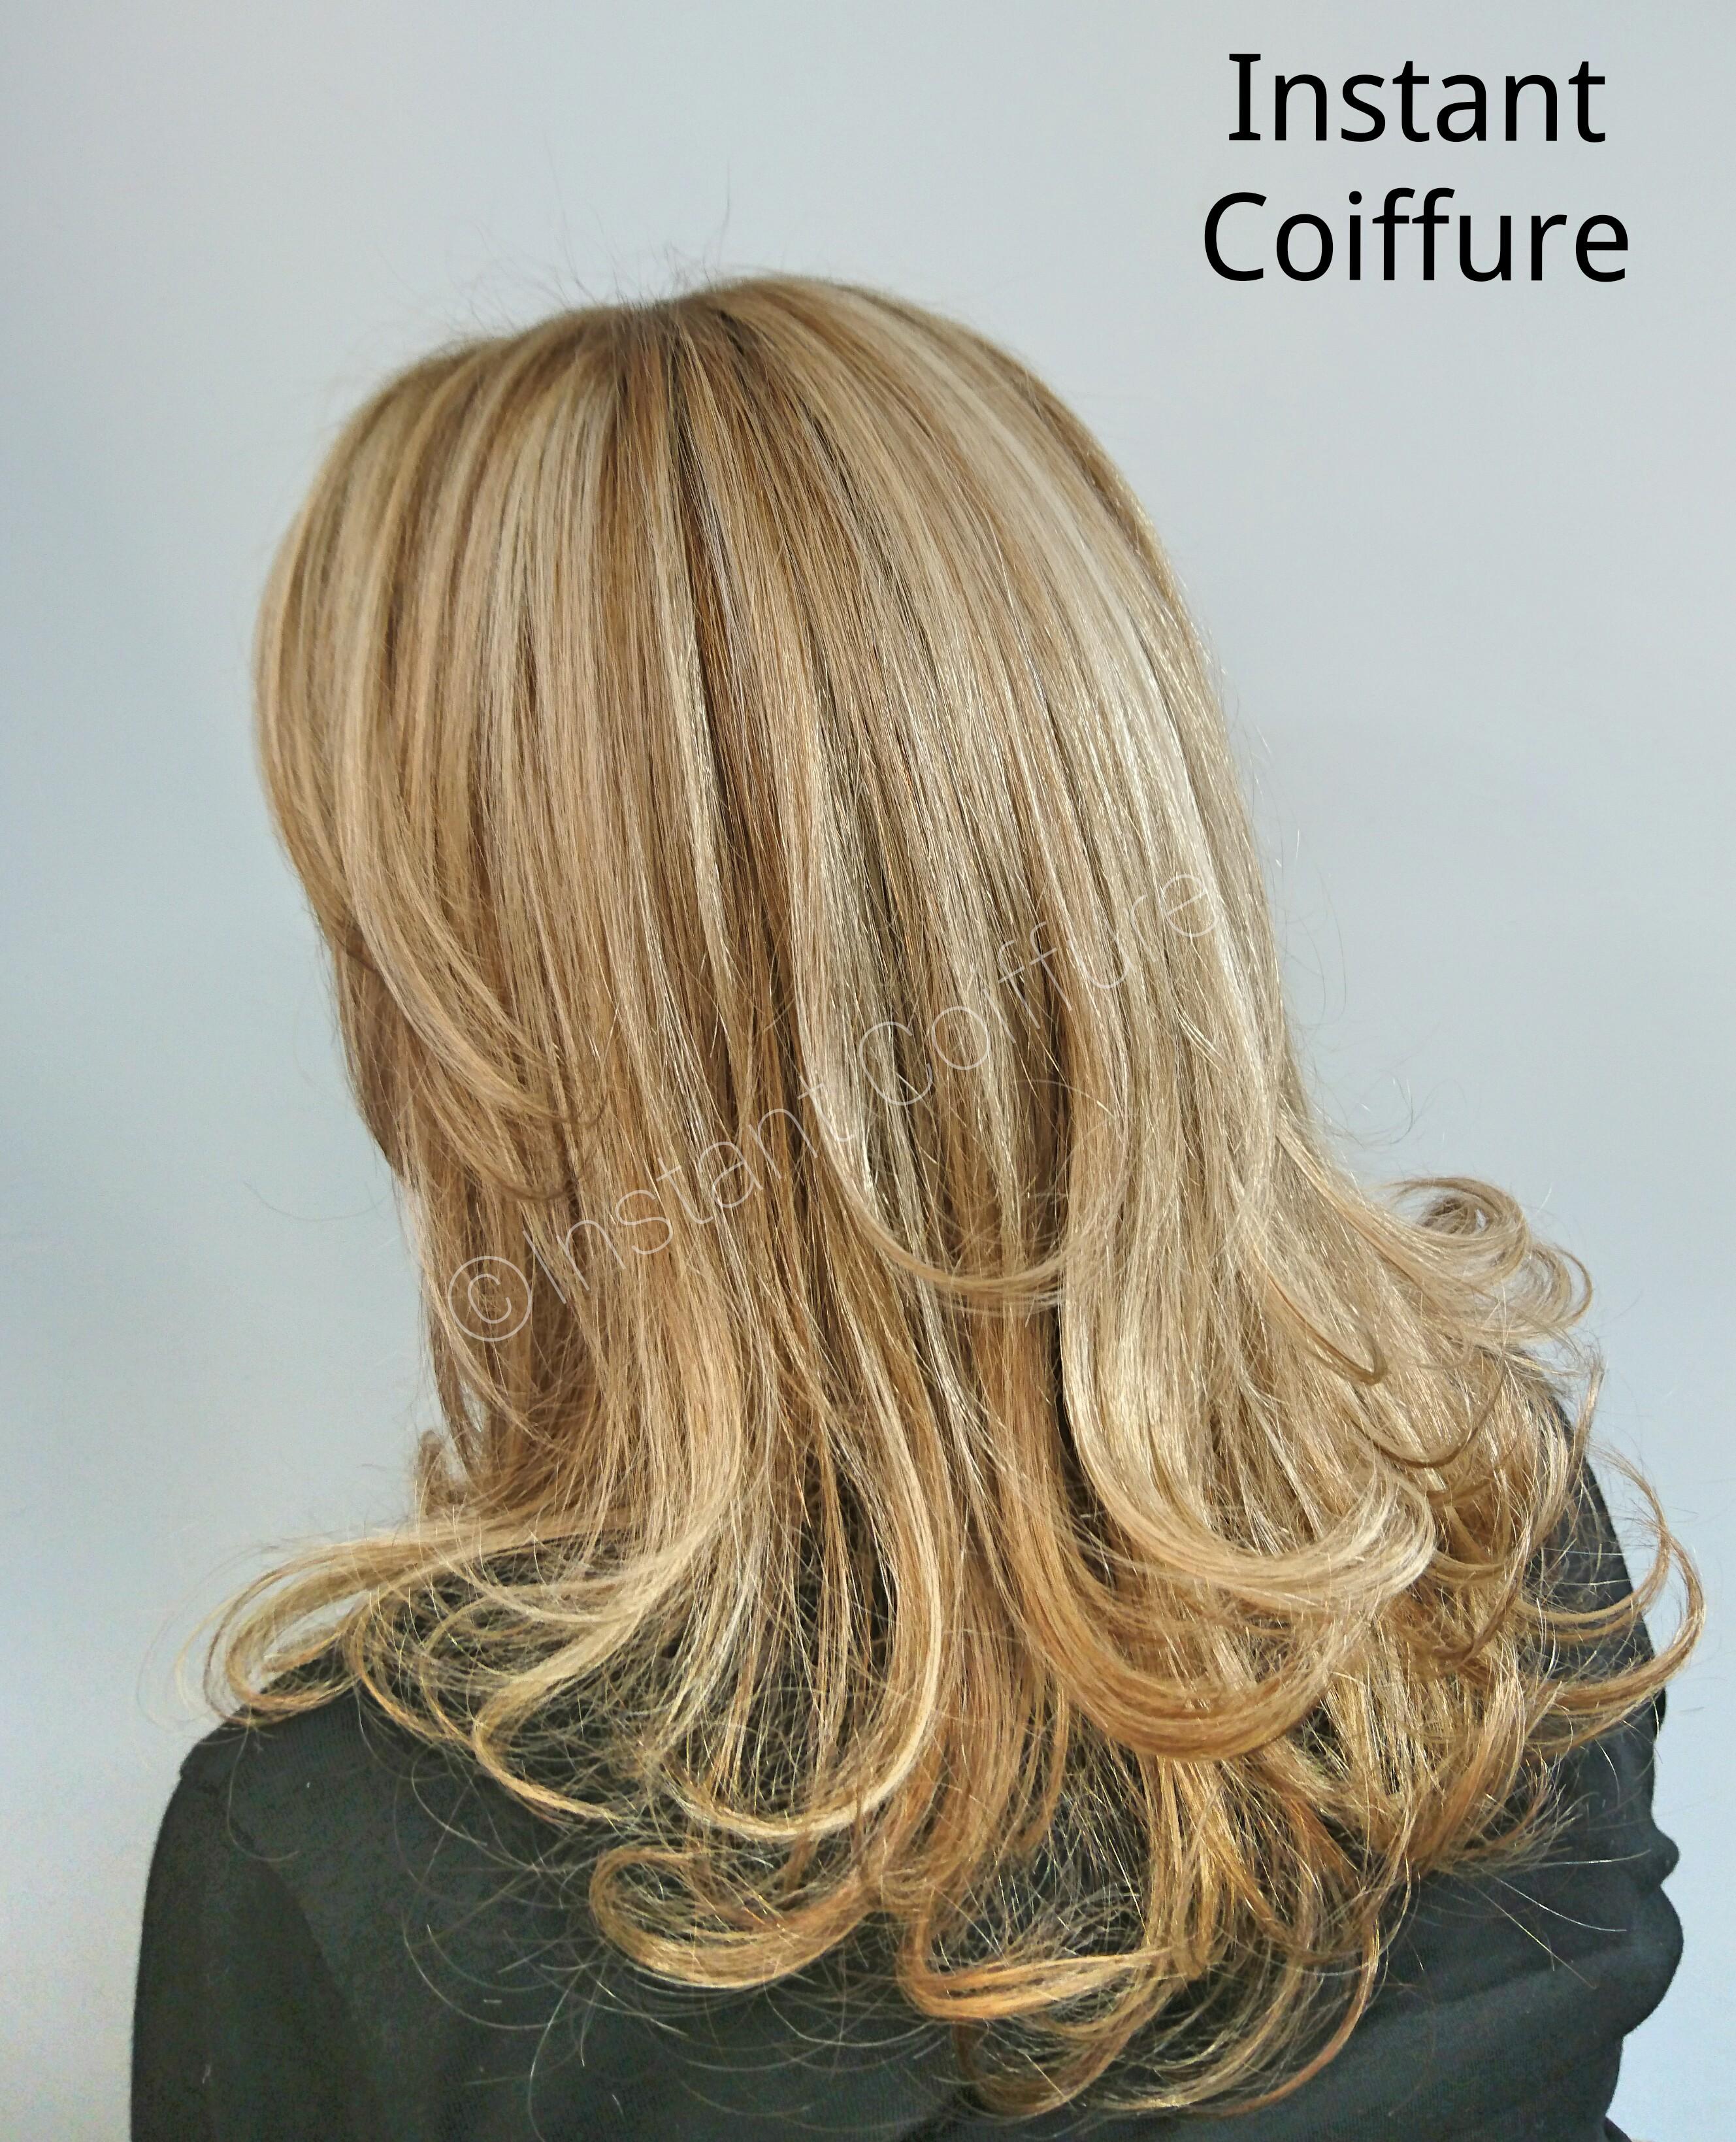 couleur et meches retrouver une couleur naturelle cendr instant coiffure instant coiffure a. Black Bedroom Furniture Sets. Home Design Ideas